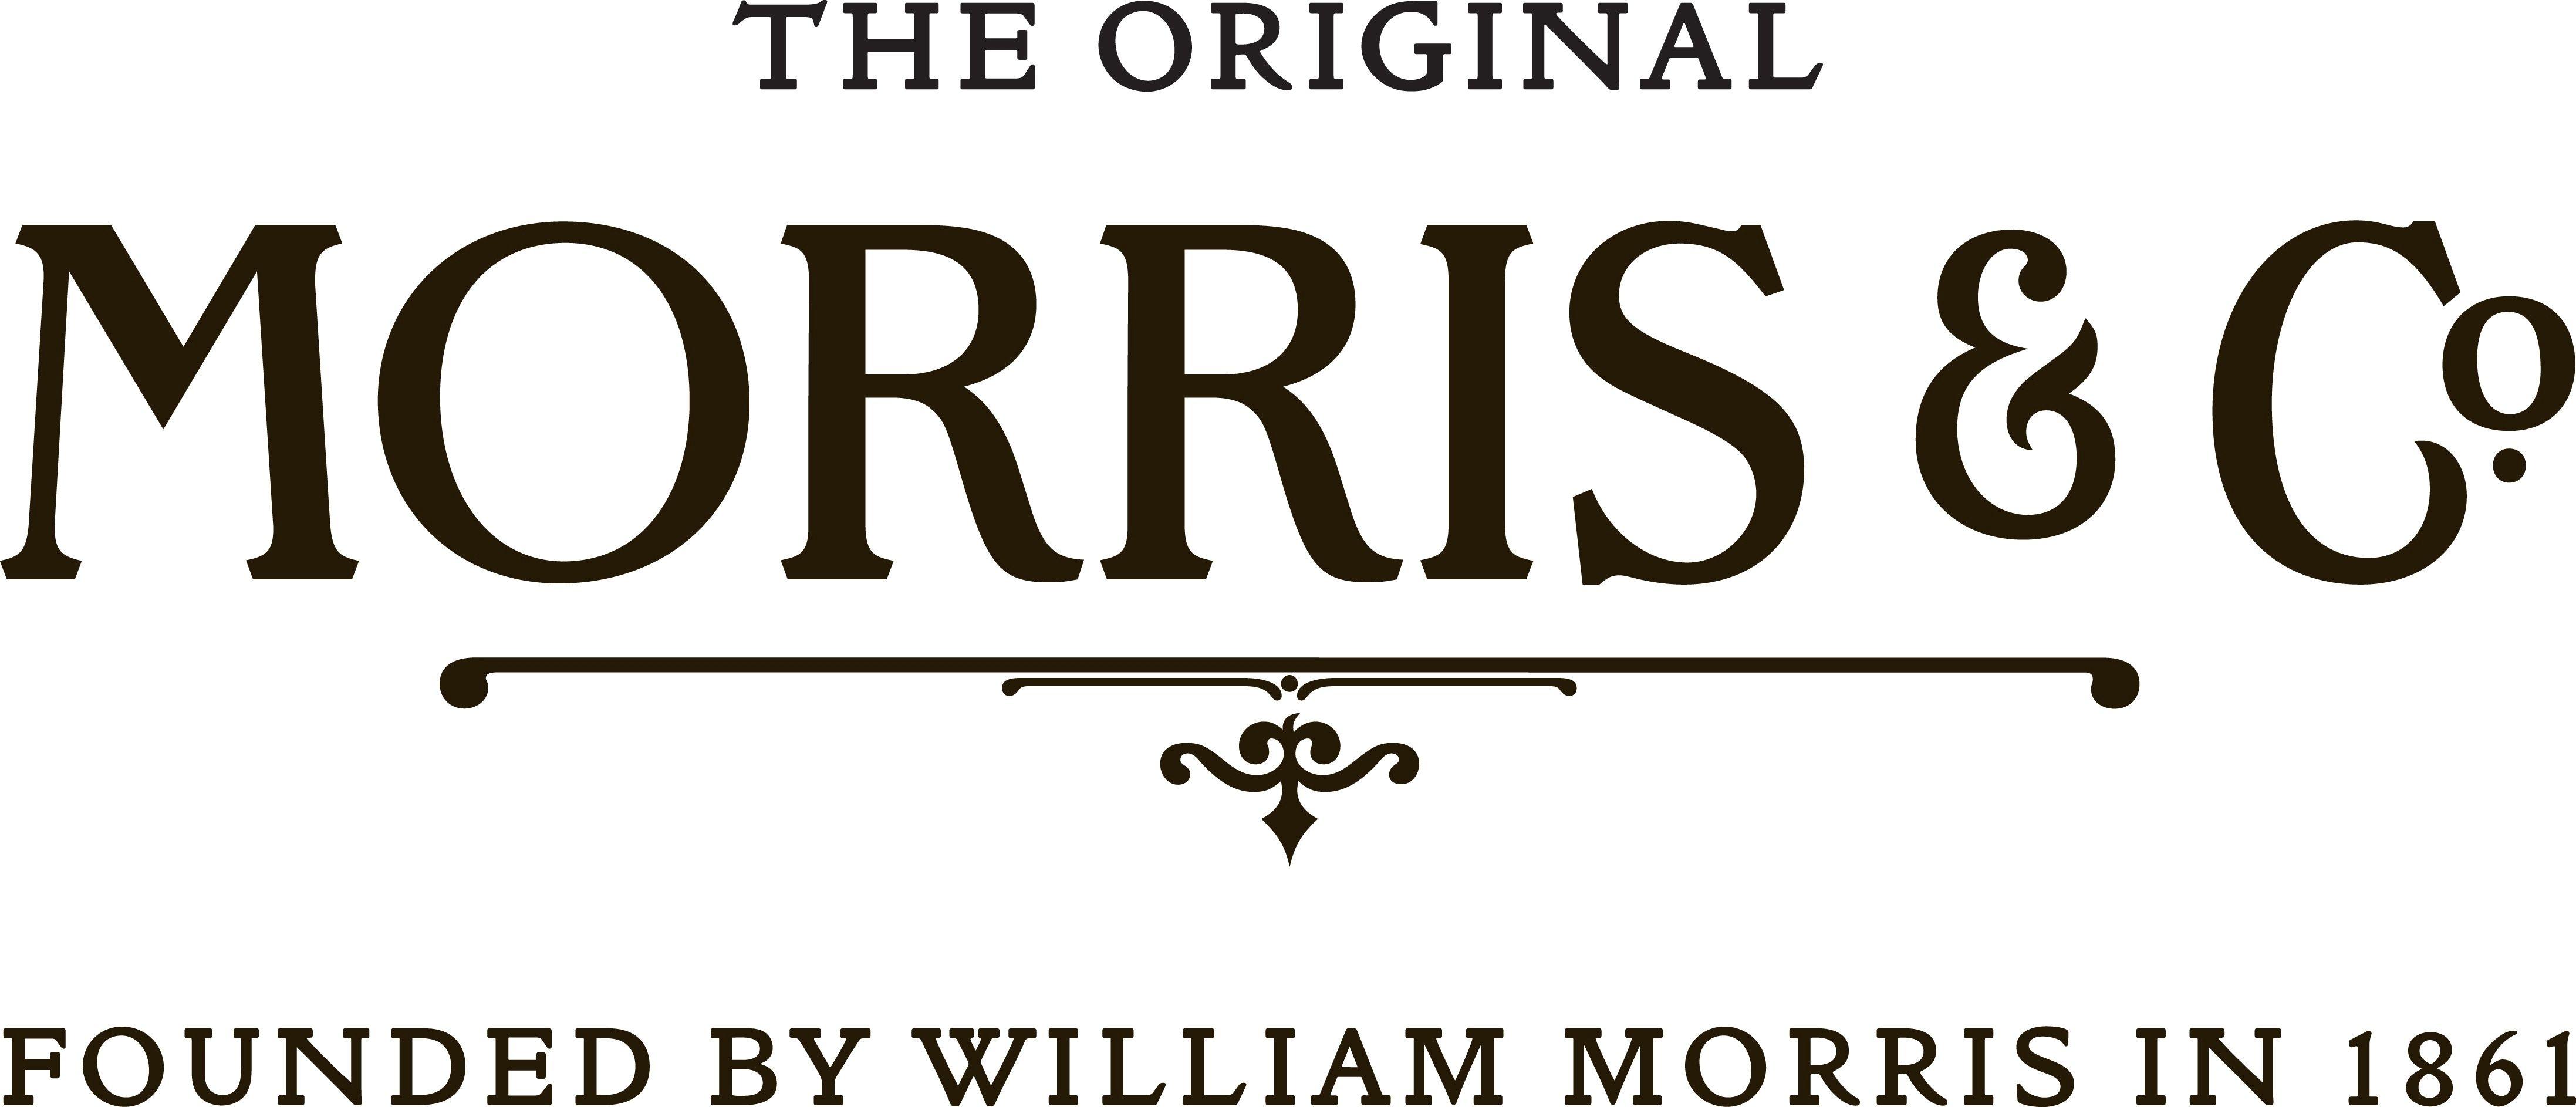 Morris Amp Co Official Turtle Mat 174